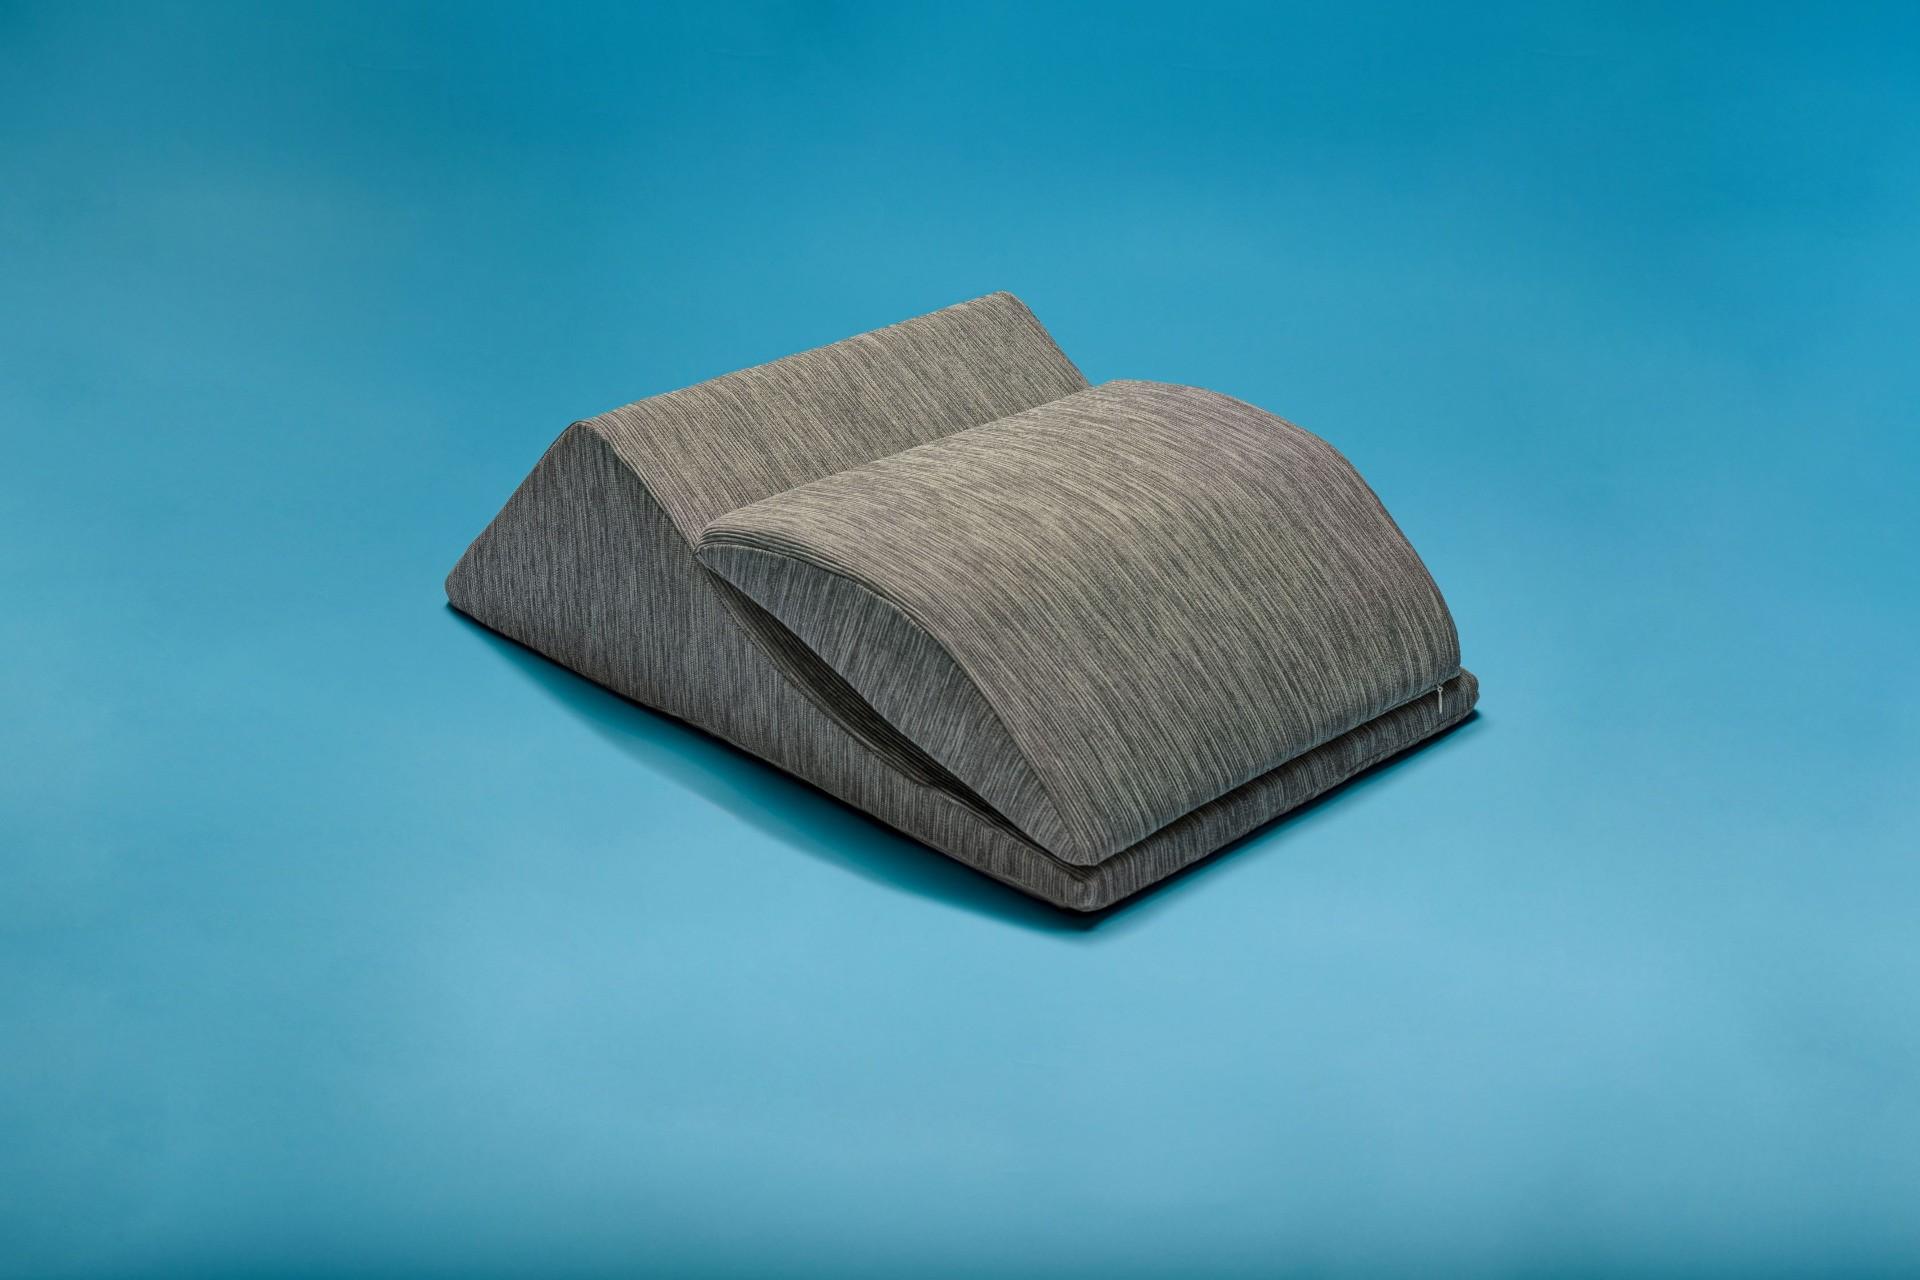 Cuscino solleva gambe adattabile grigio